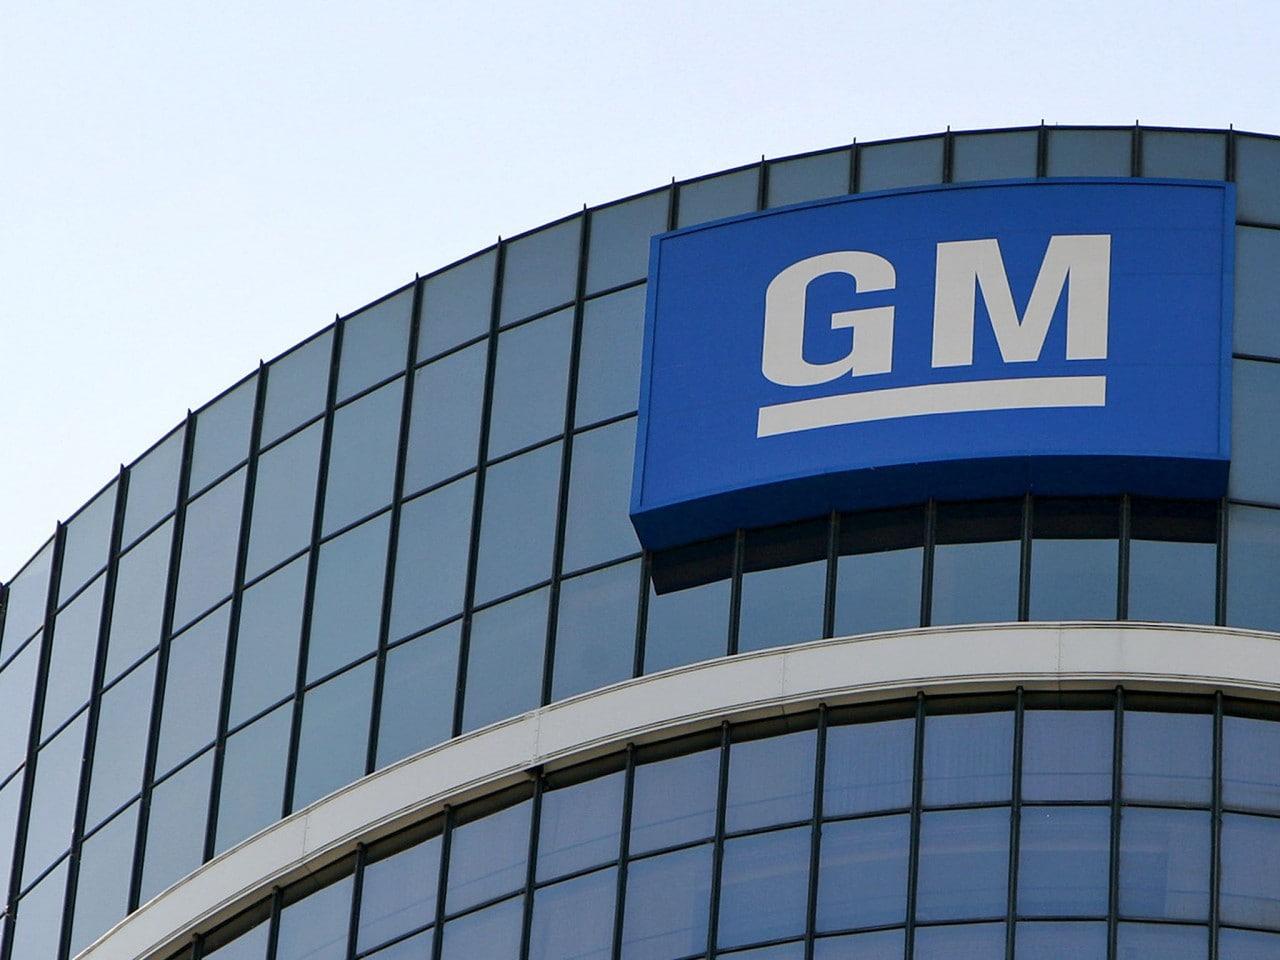 Il carsharing diventa a guida autonoma nella visione di GM